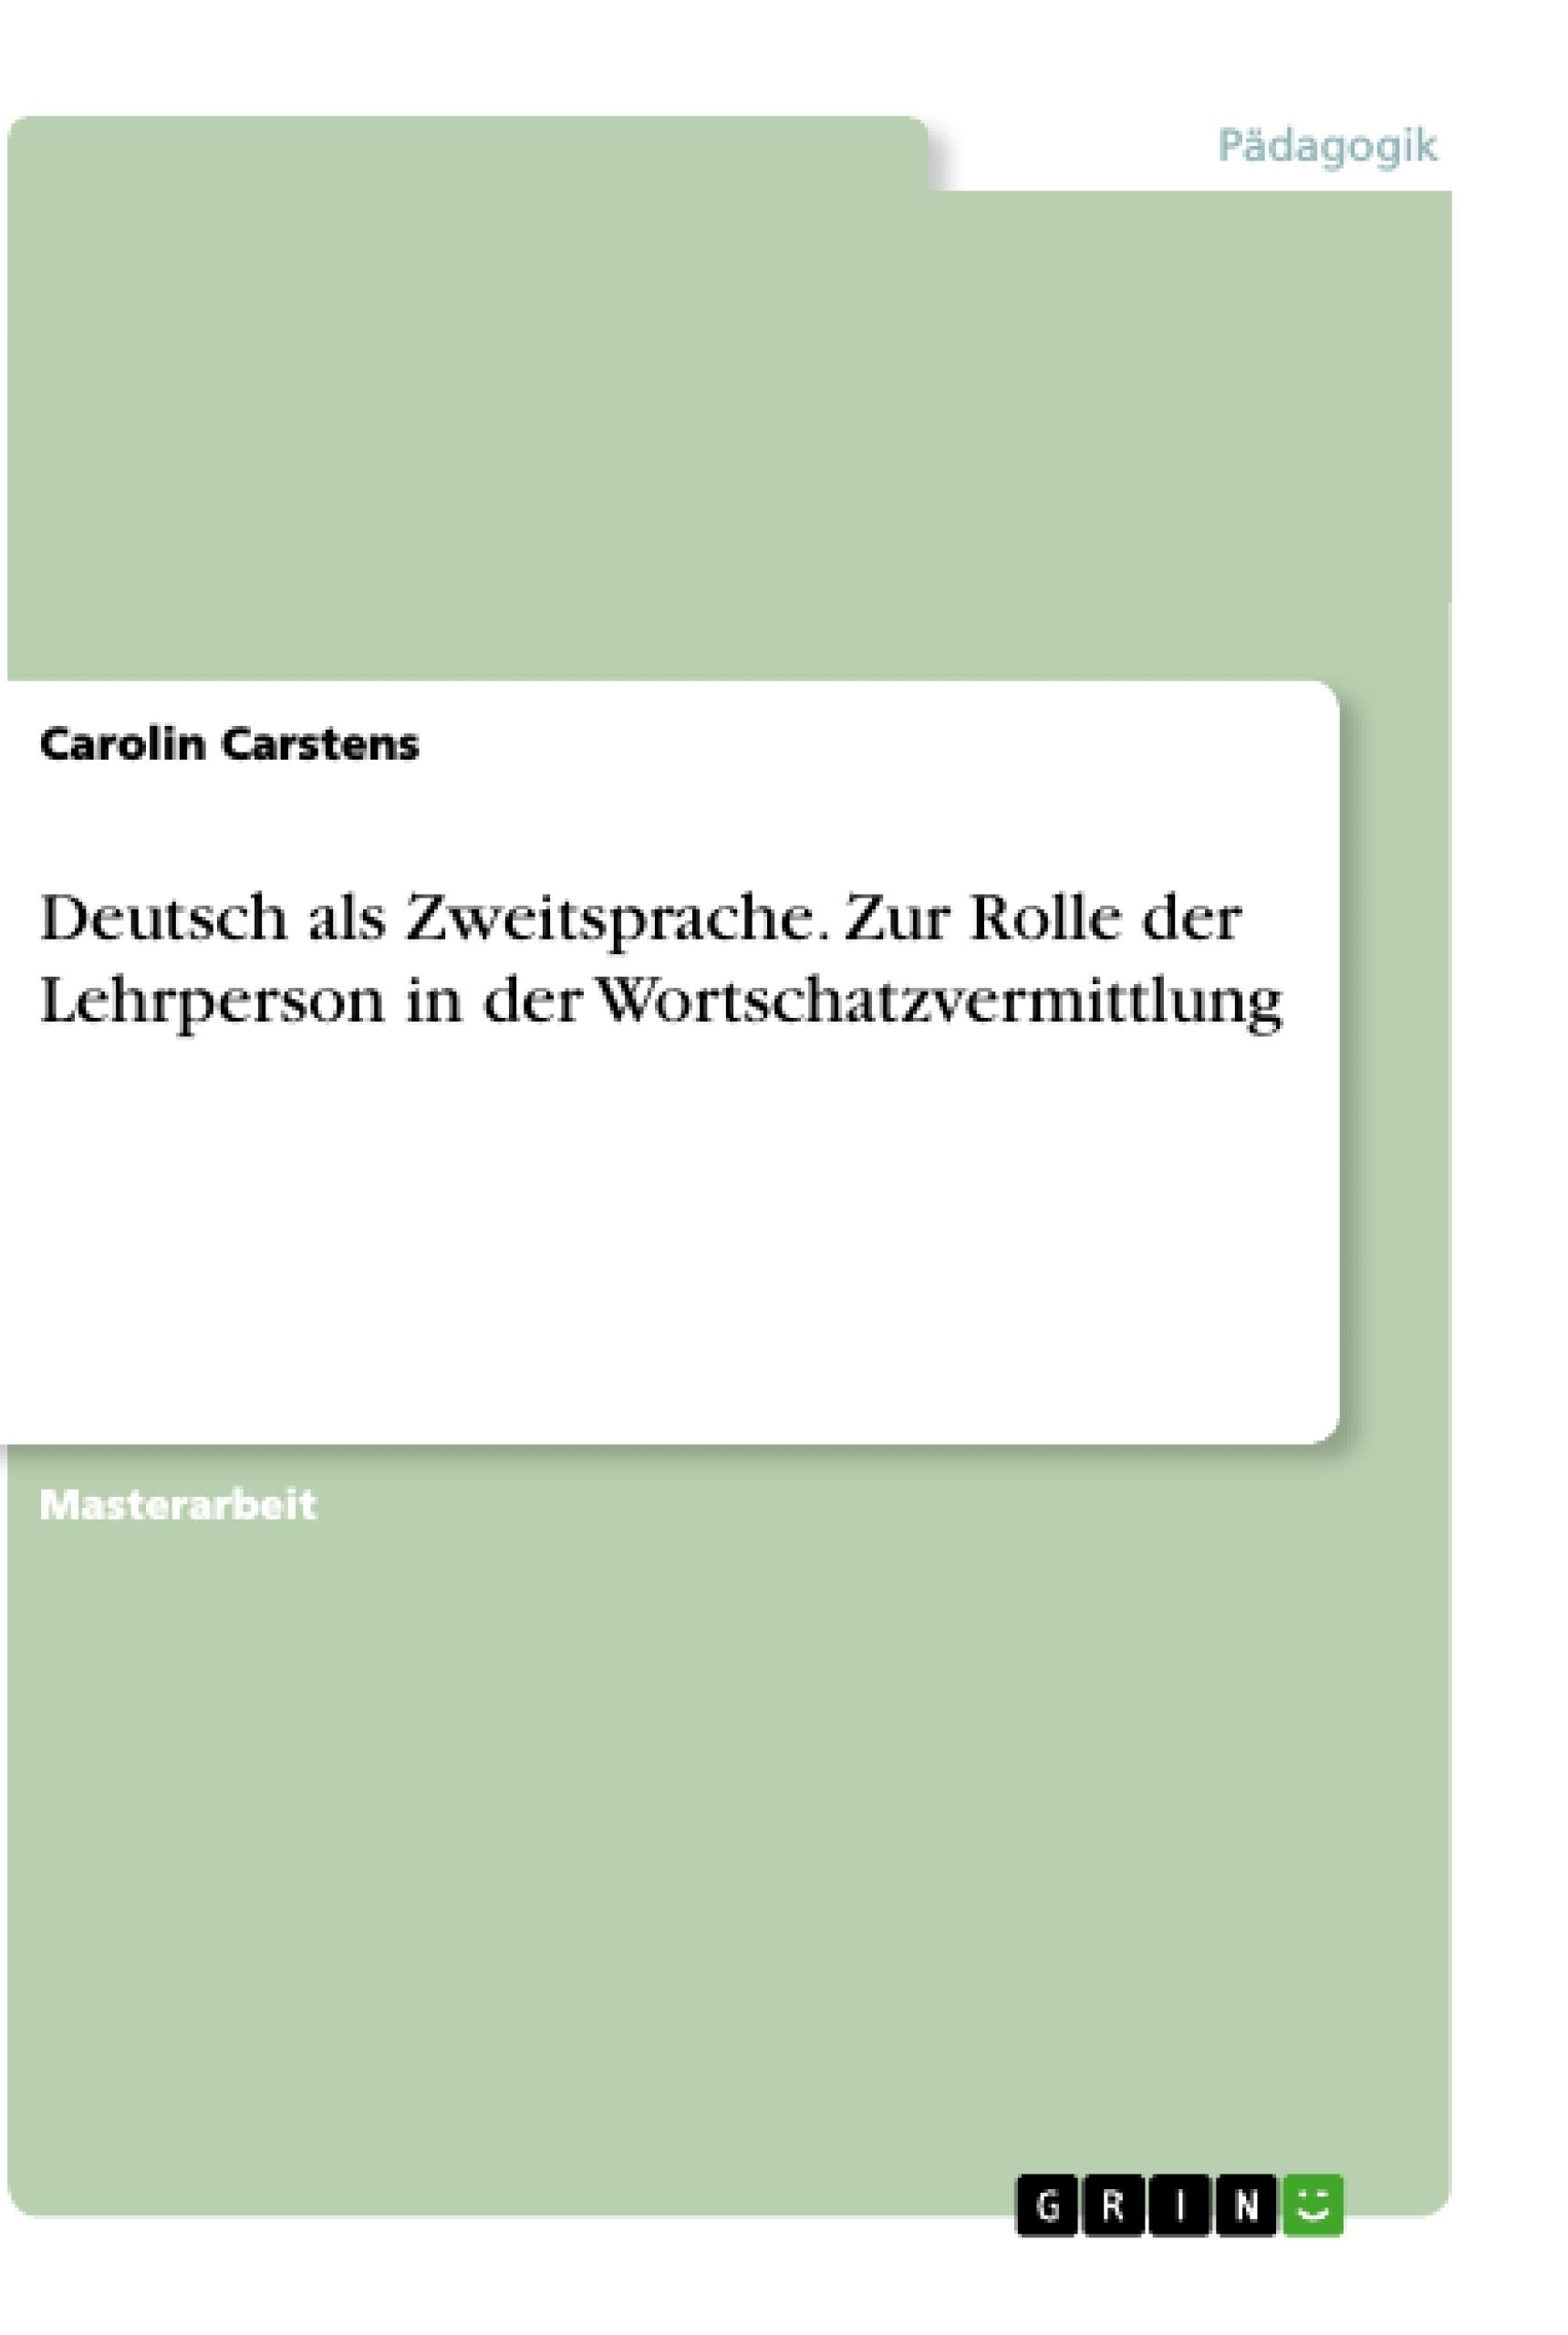 Titel: Deutsch als Zweitsprache. Zur Rolle der Lehrperson in der Wortschatzvermittlung